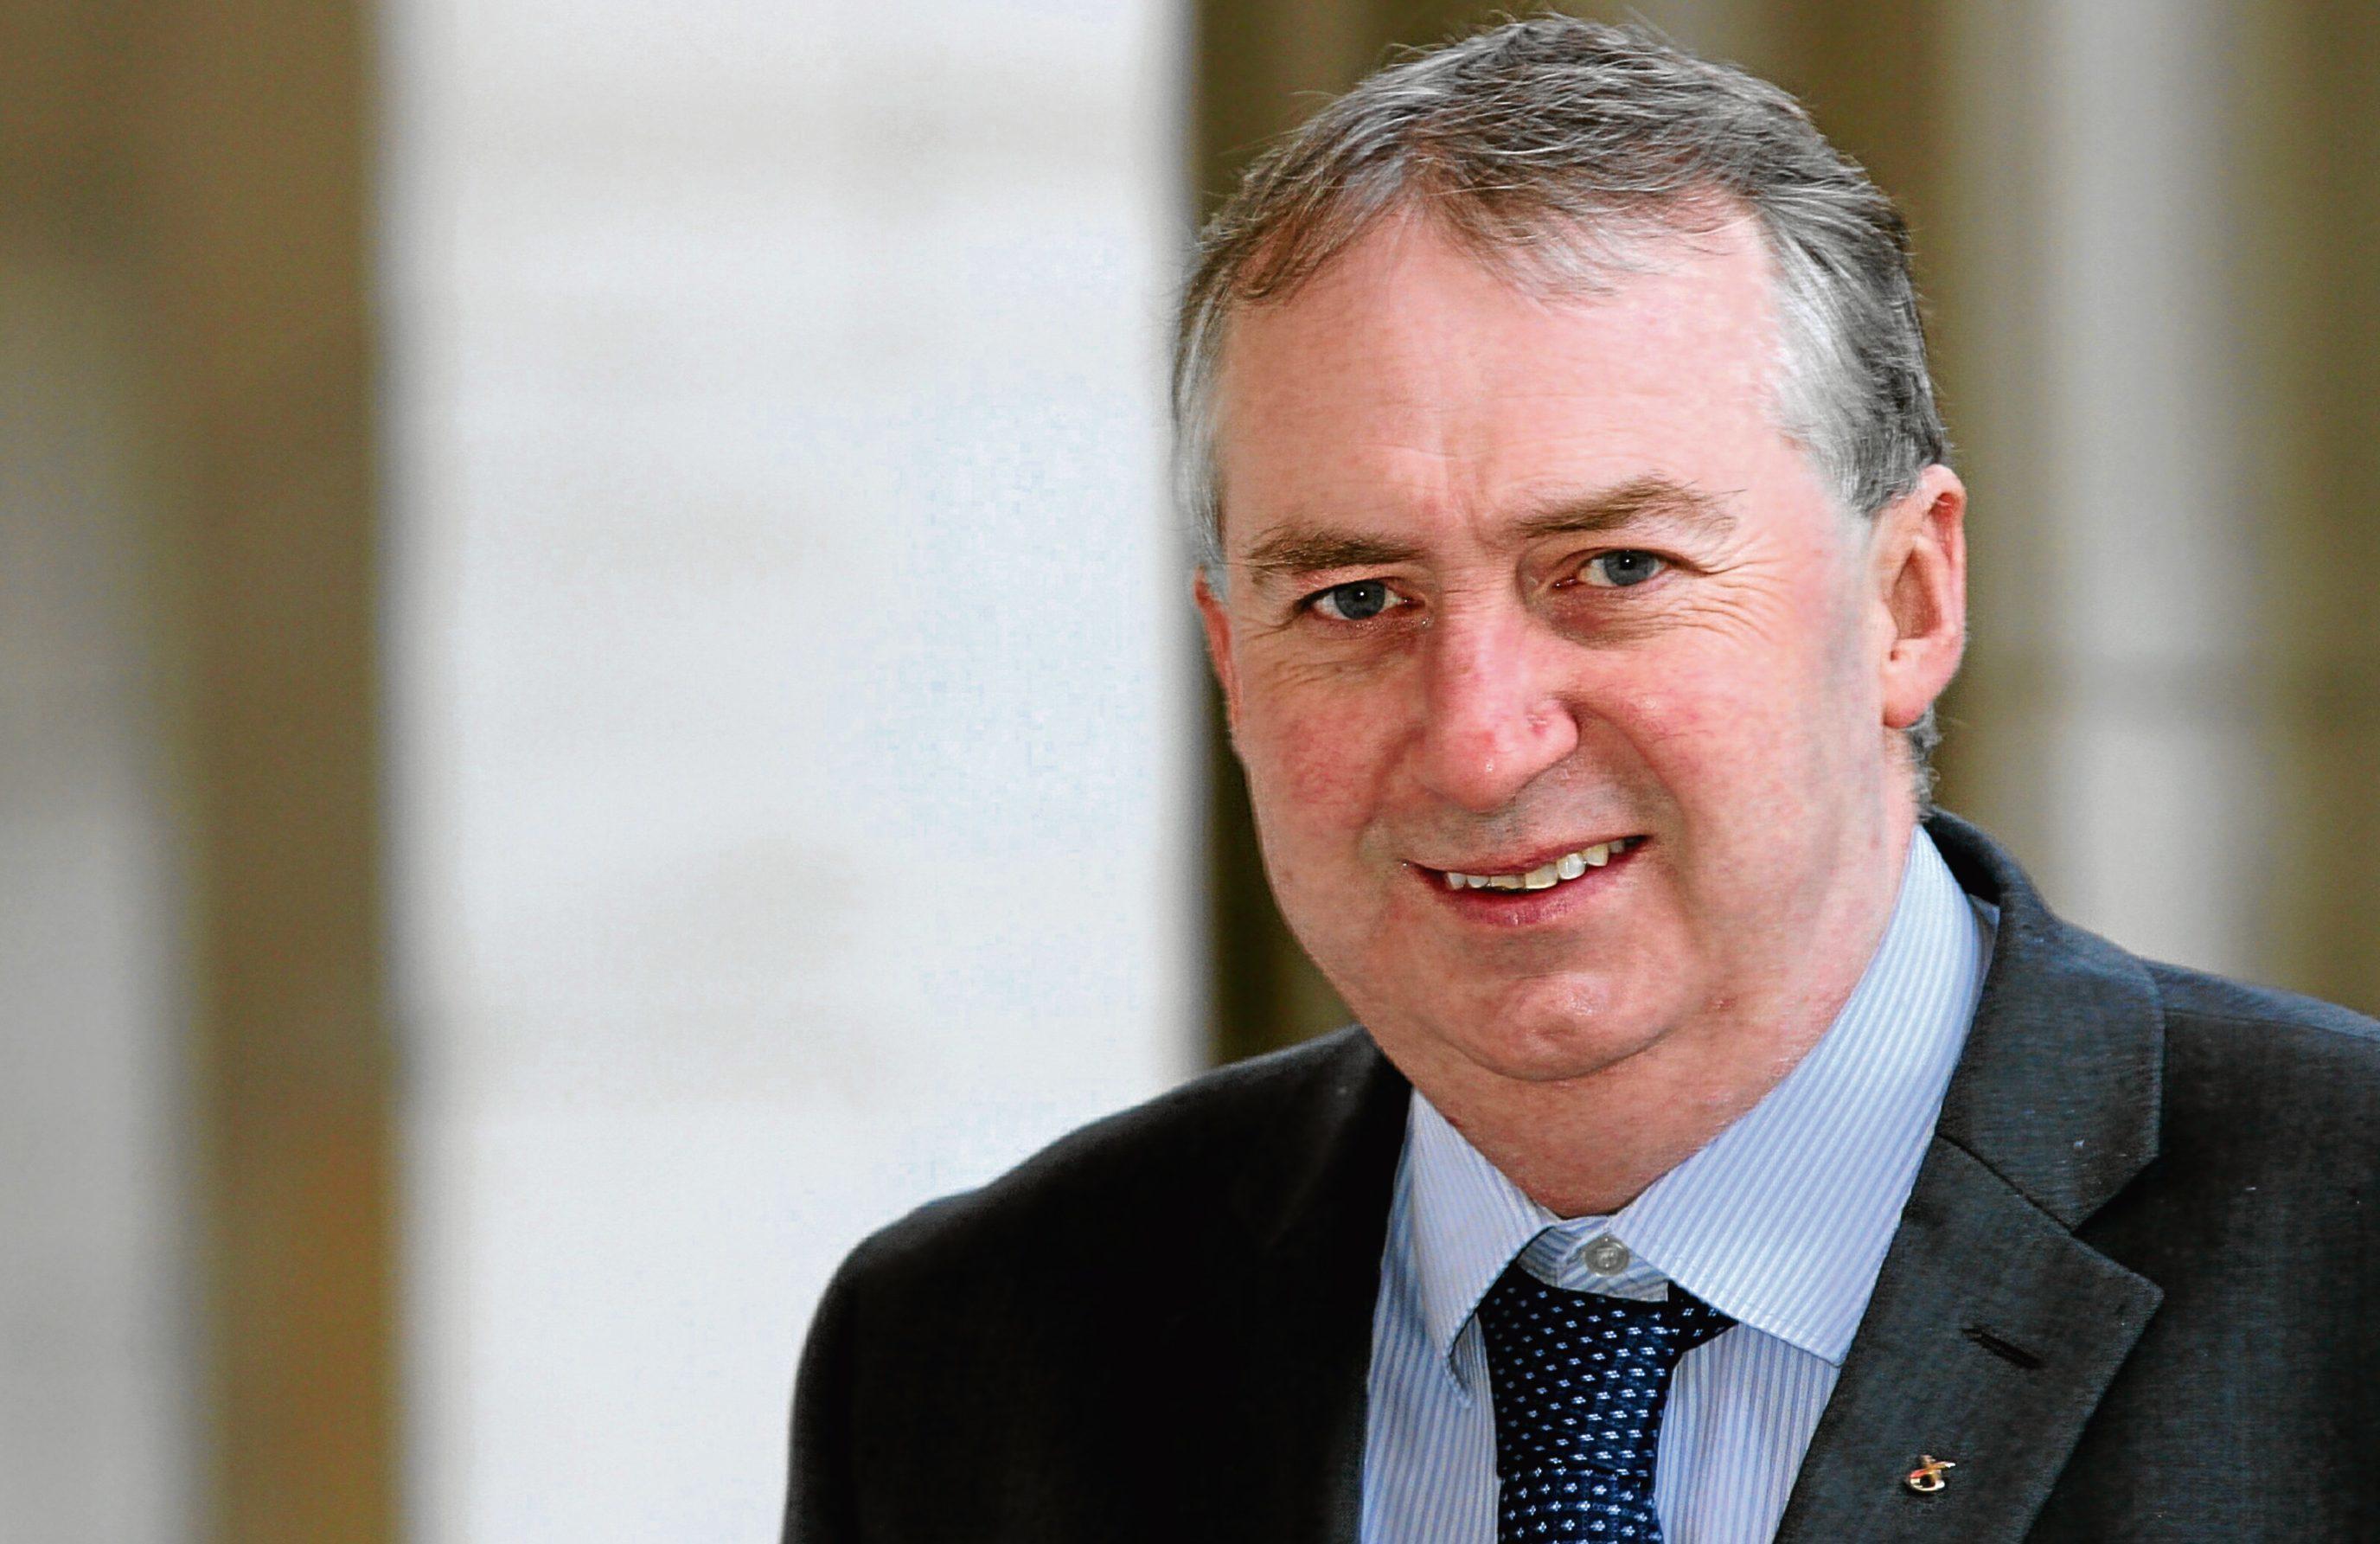 Dundee councillor Ken Lynn